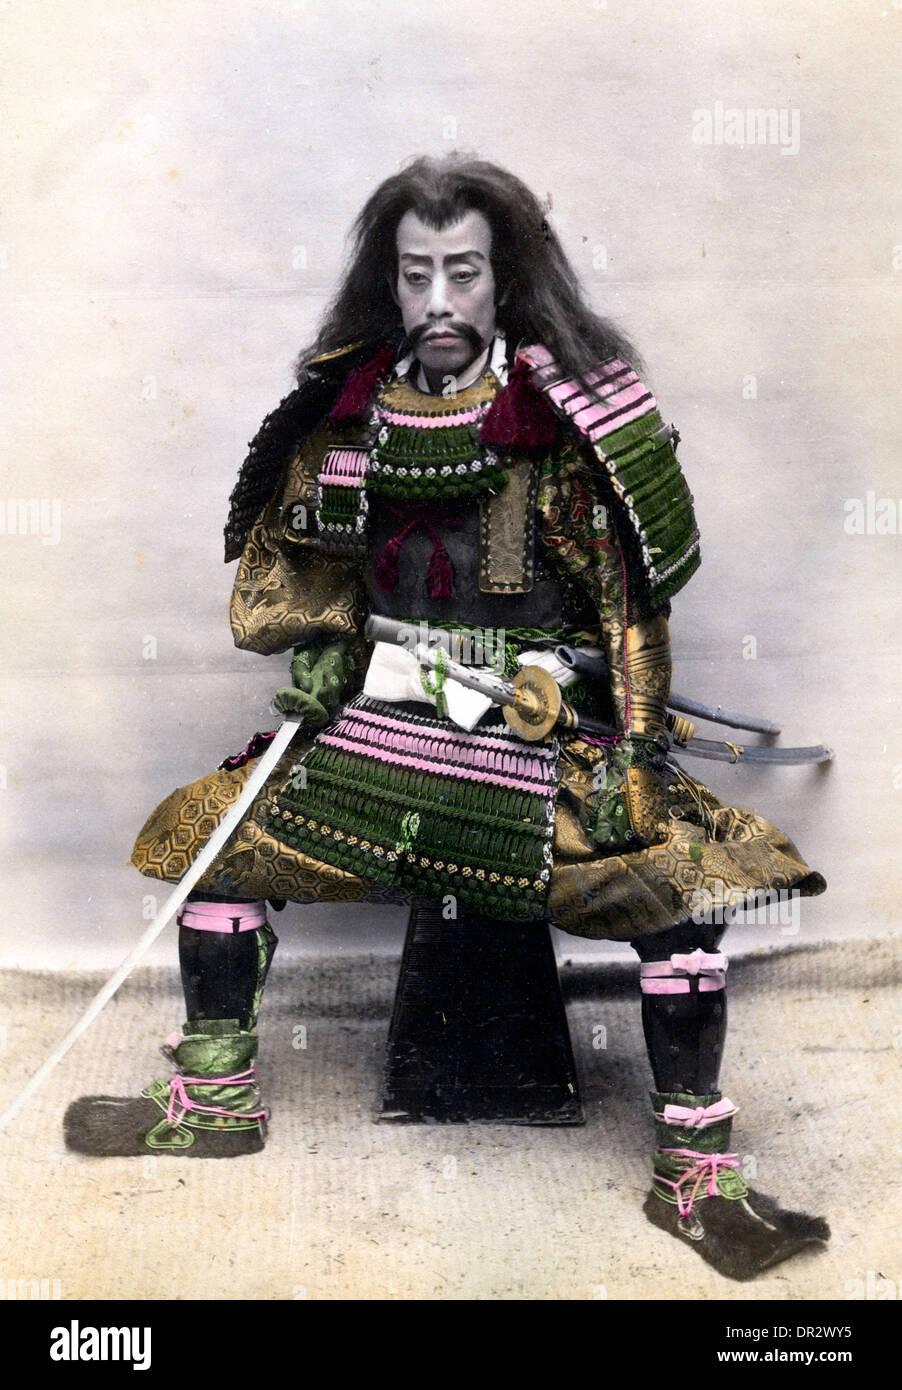 Japanese warrior - Stock Image